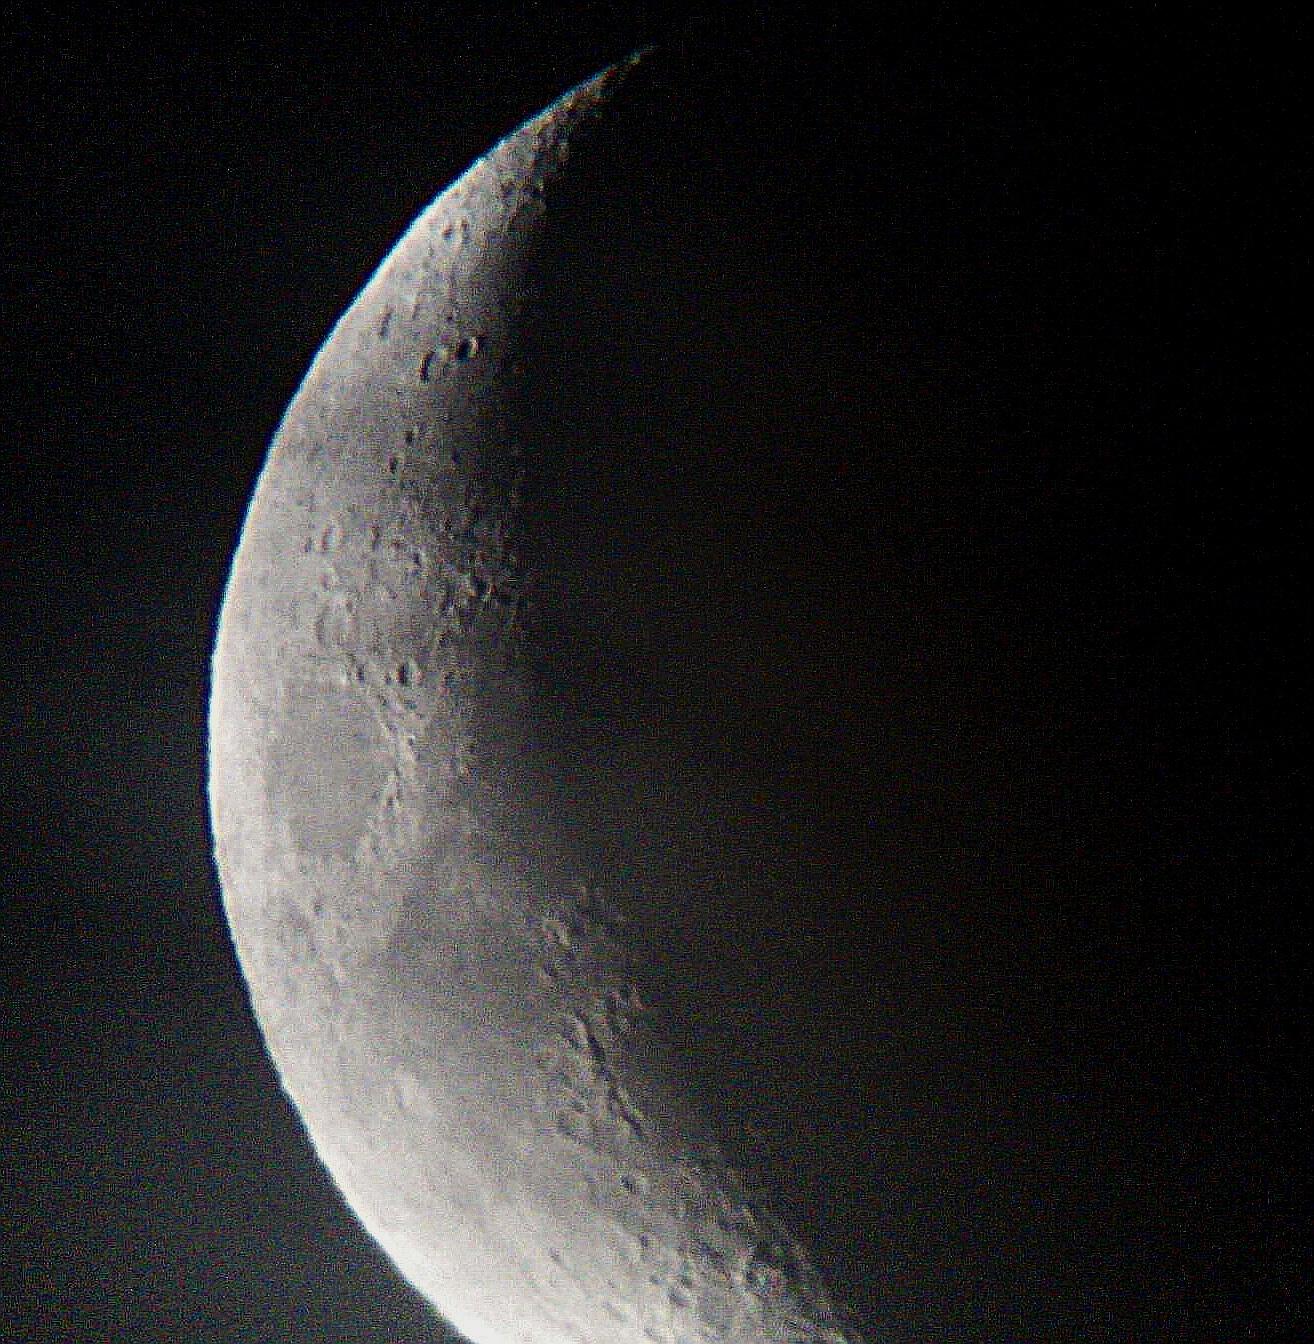 moon1.jpg.8d191207989ab43a481aca6b24abe443.jpg